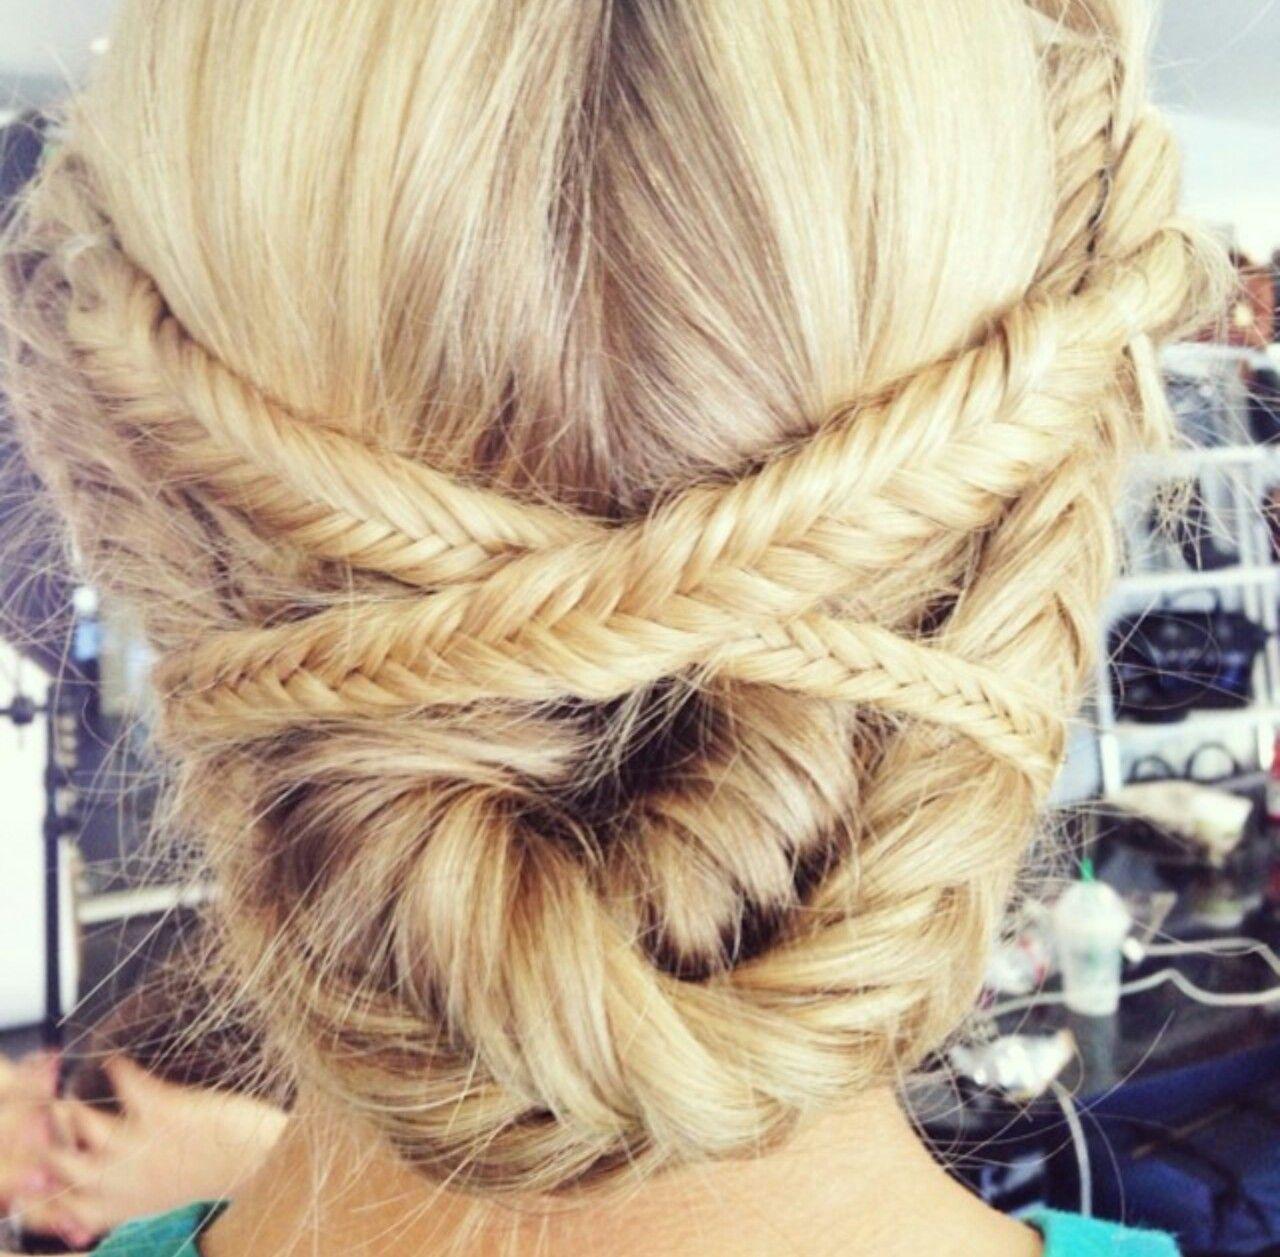 Blonde braid ცąཞცıɛ ცƖơŋɖɛʂ pinterest blonde braids